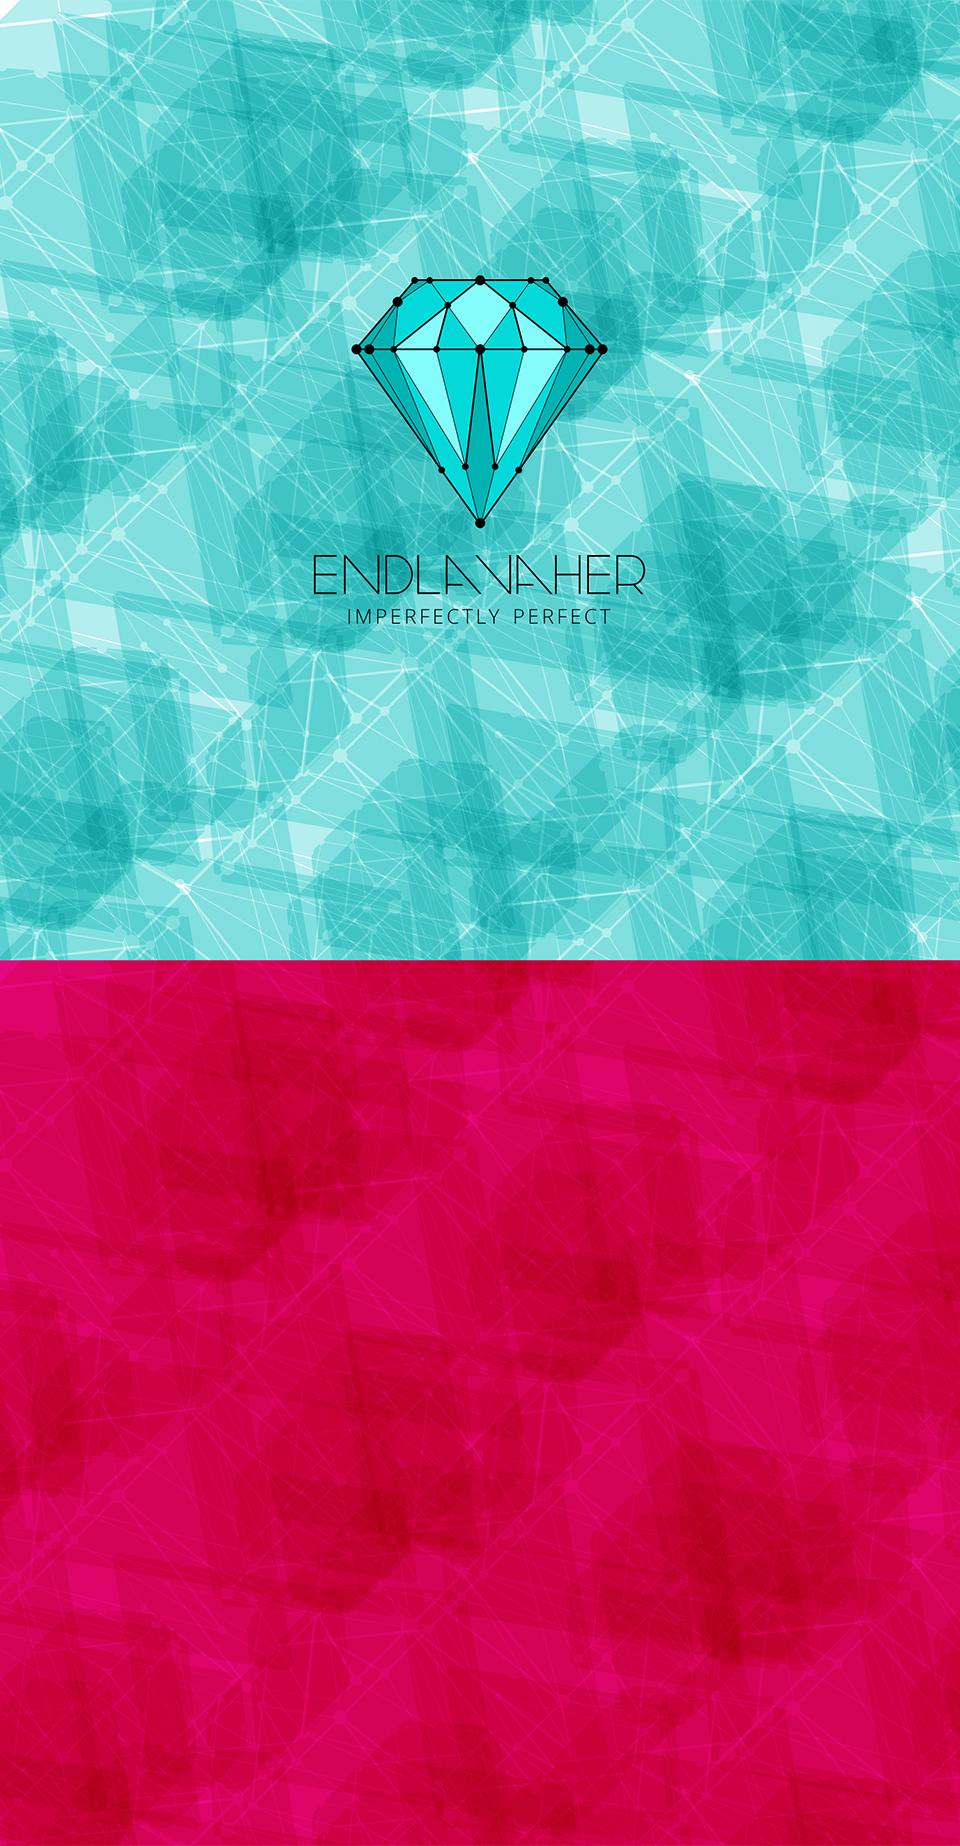 EndlaVaher-4